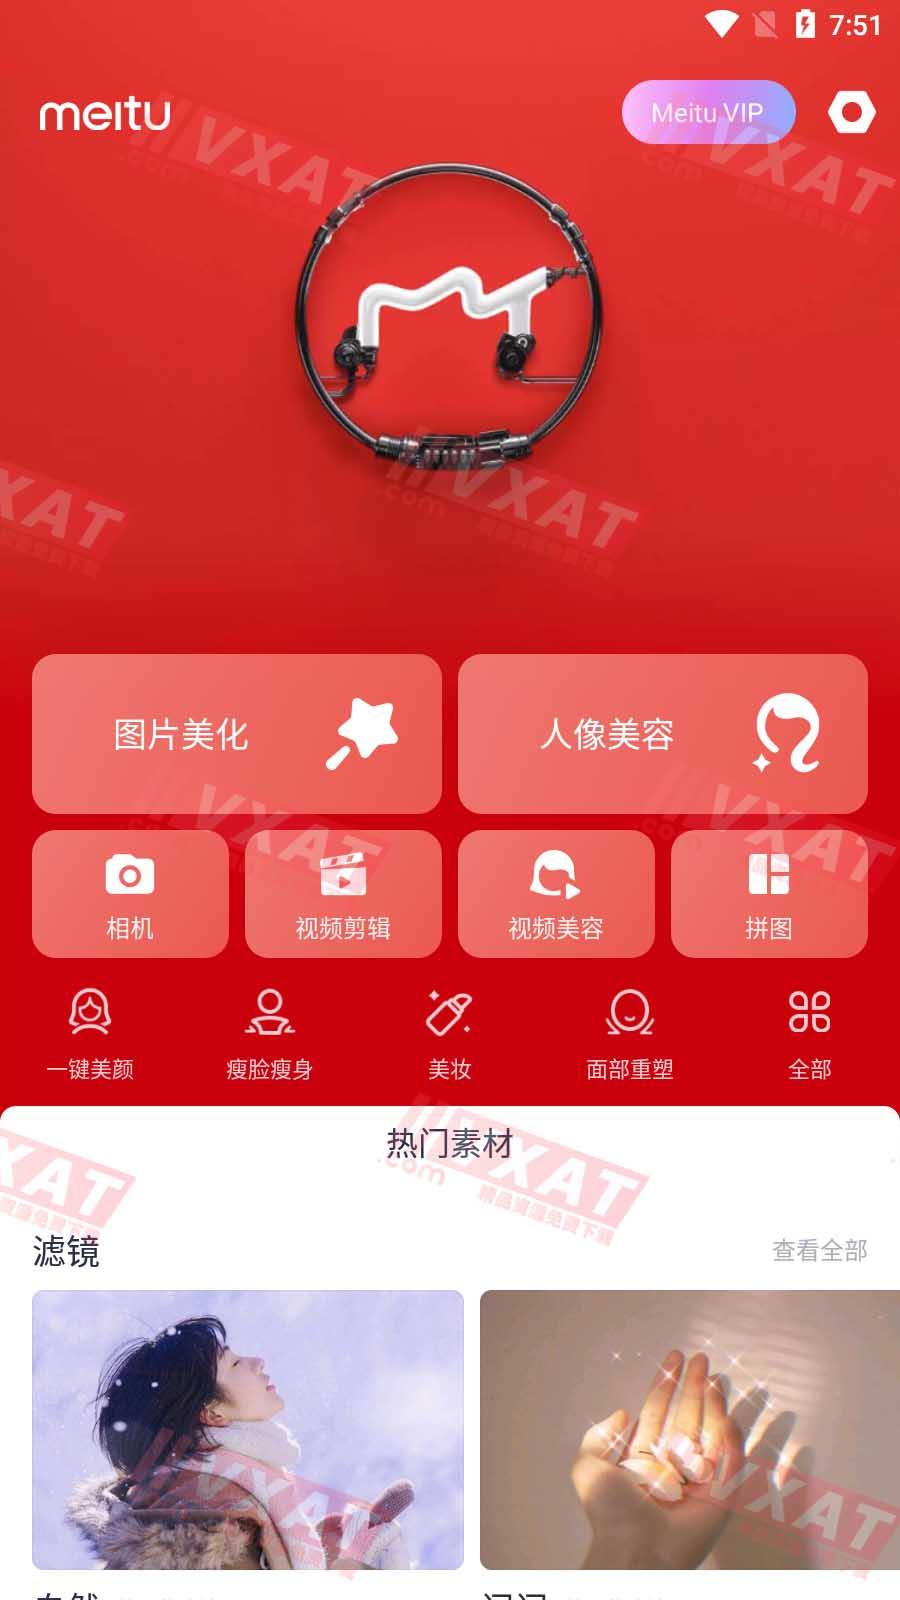 美图秀秀 v9.1.7.1 去广告VIP版 第1张